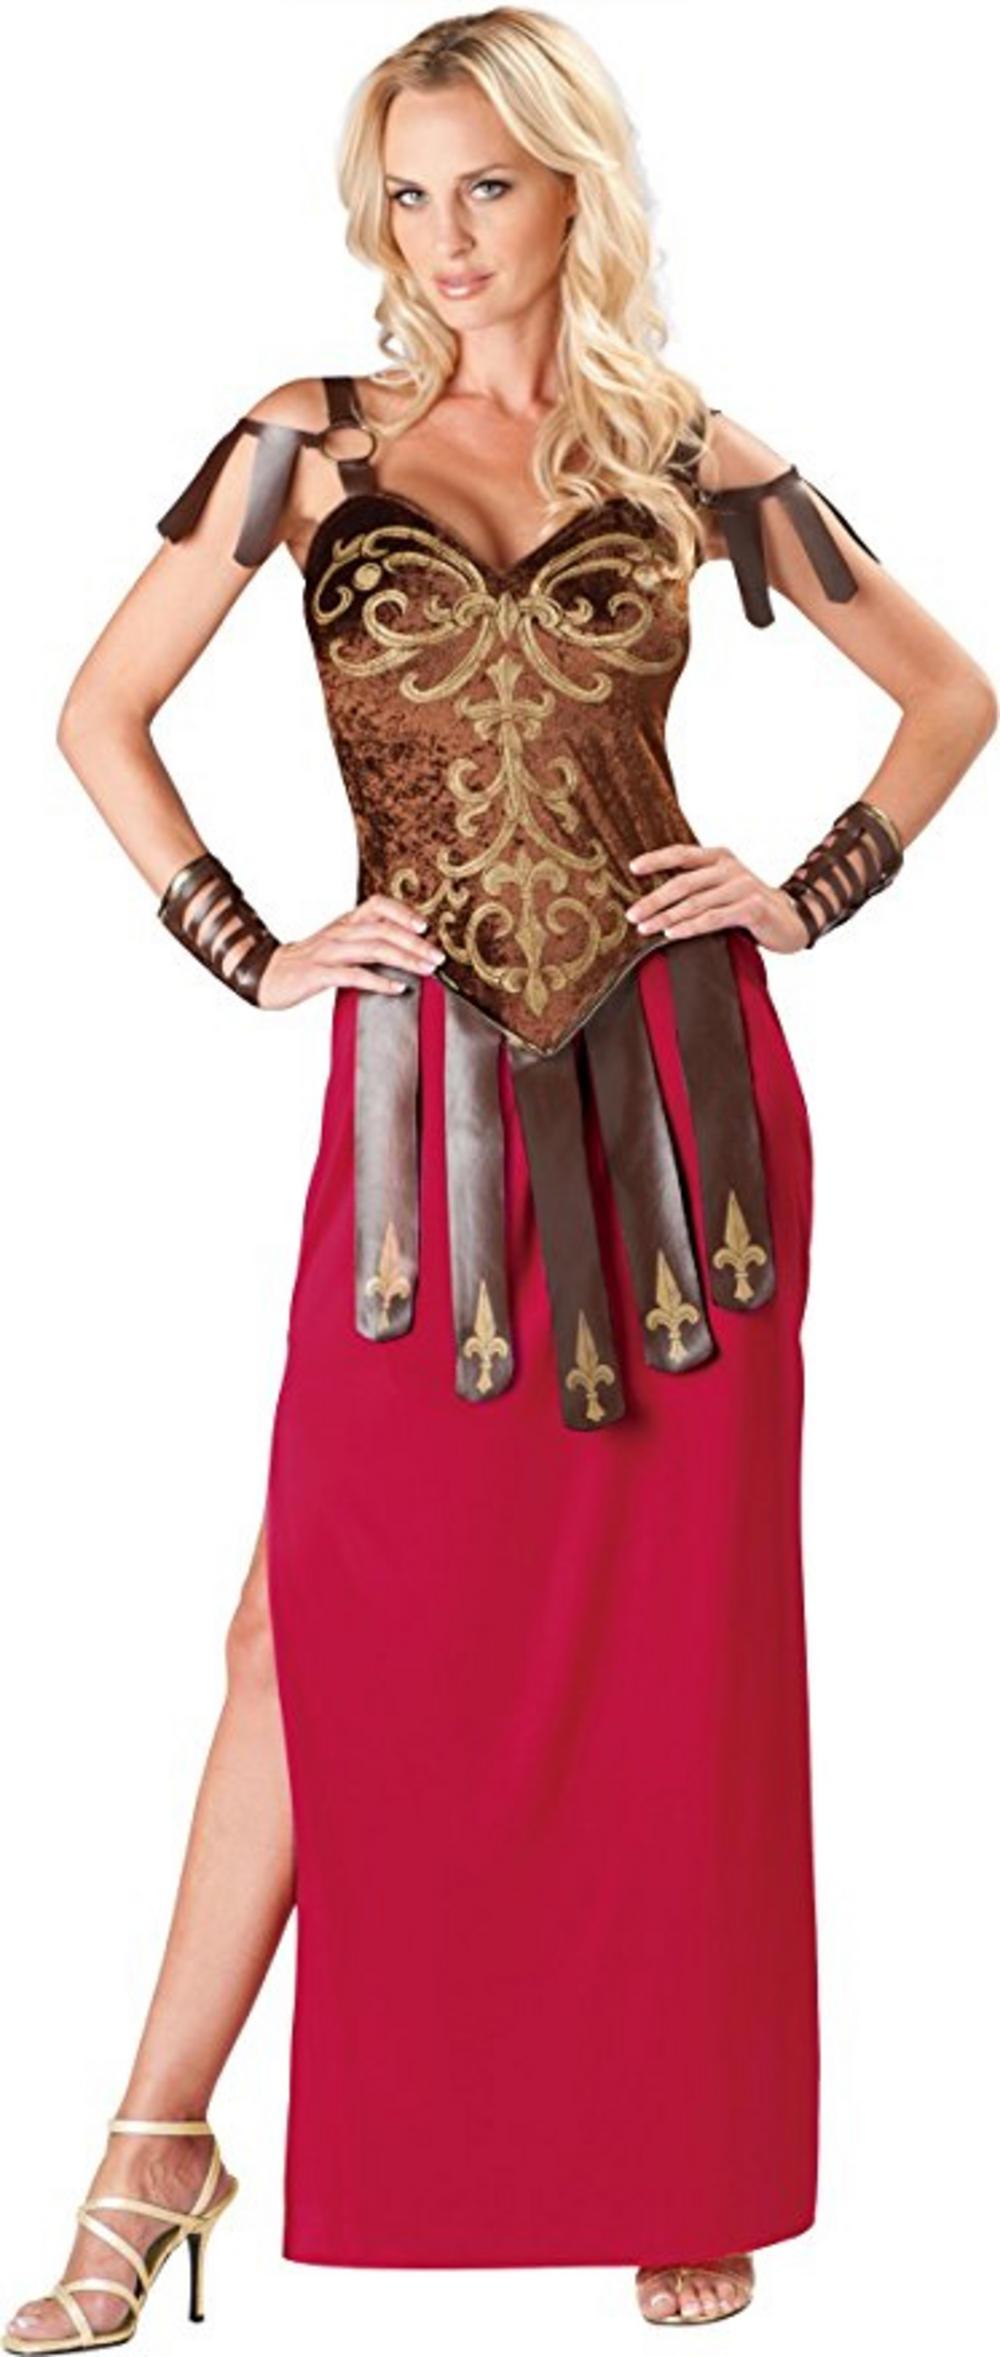 Ladies Gladiator Costume